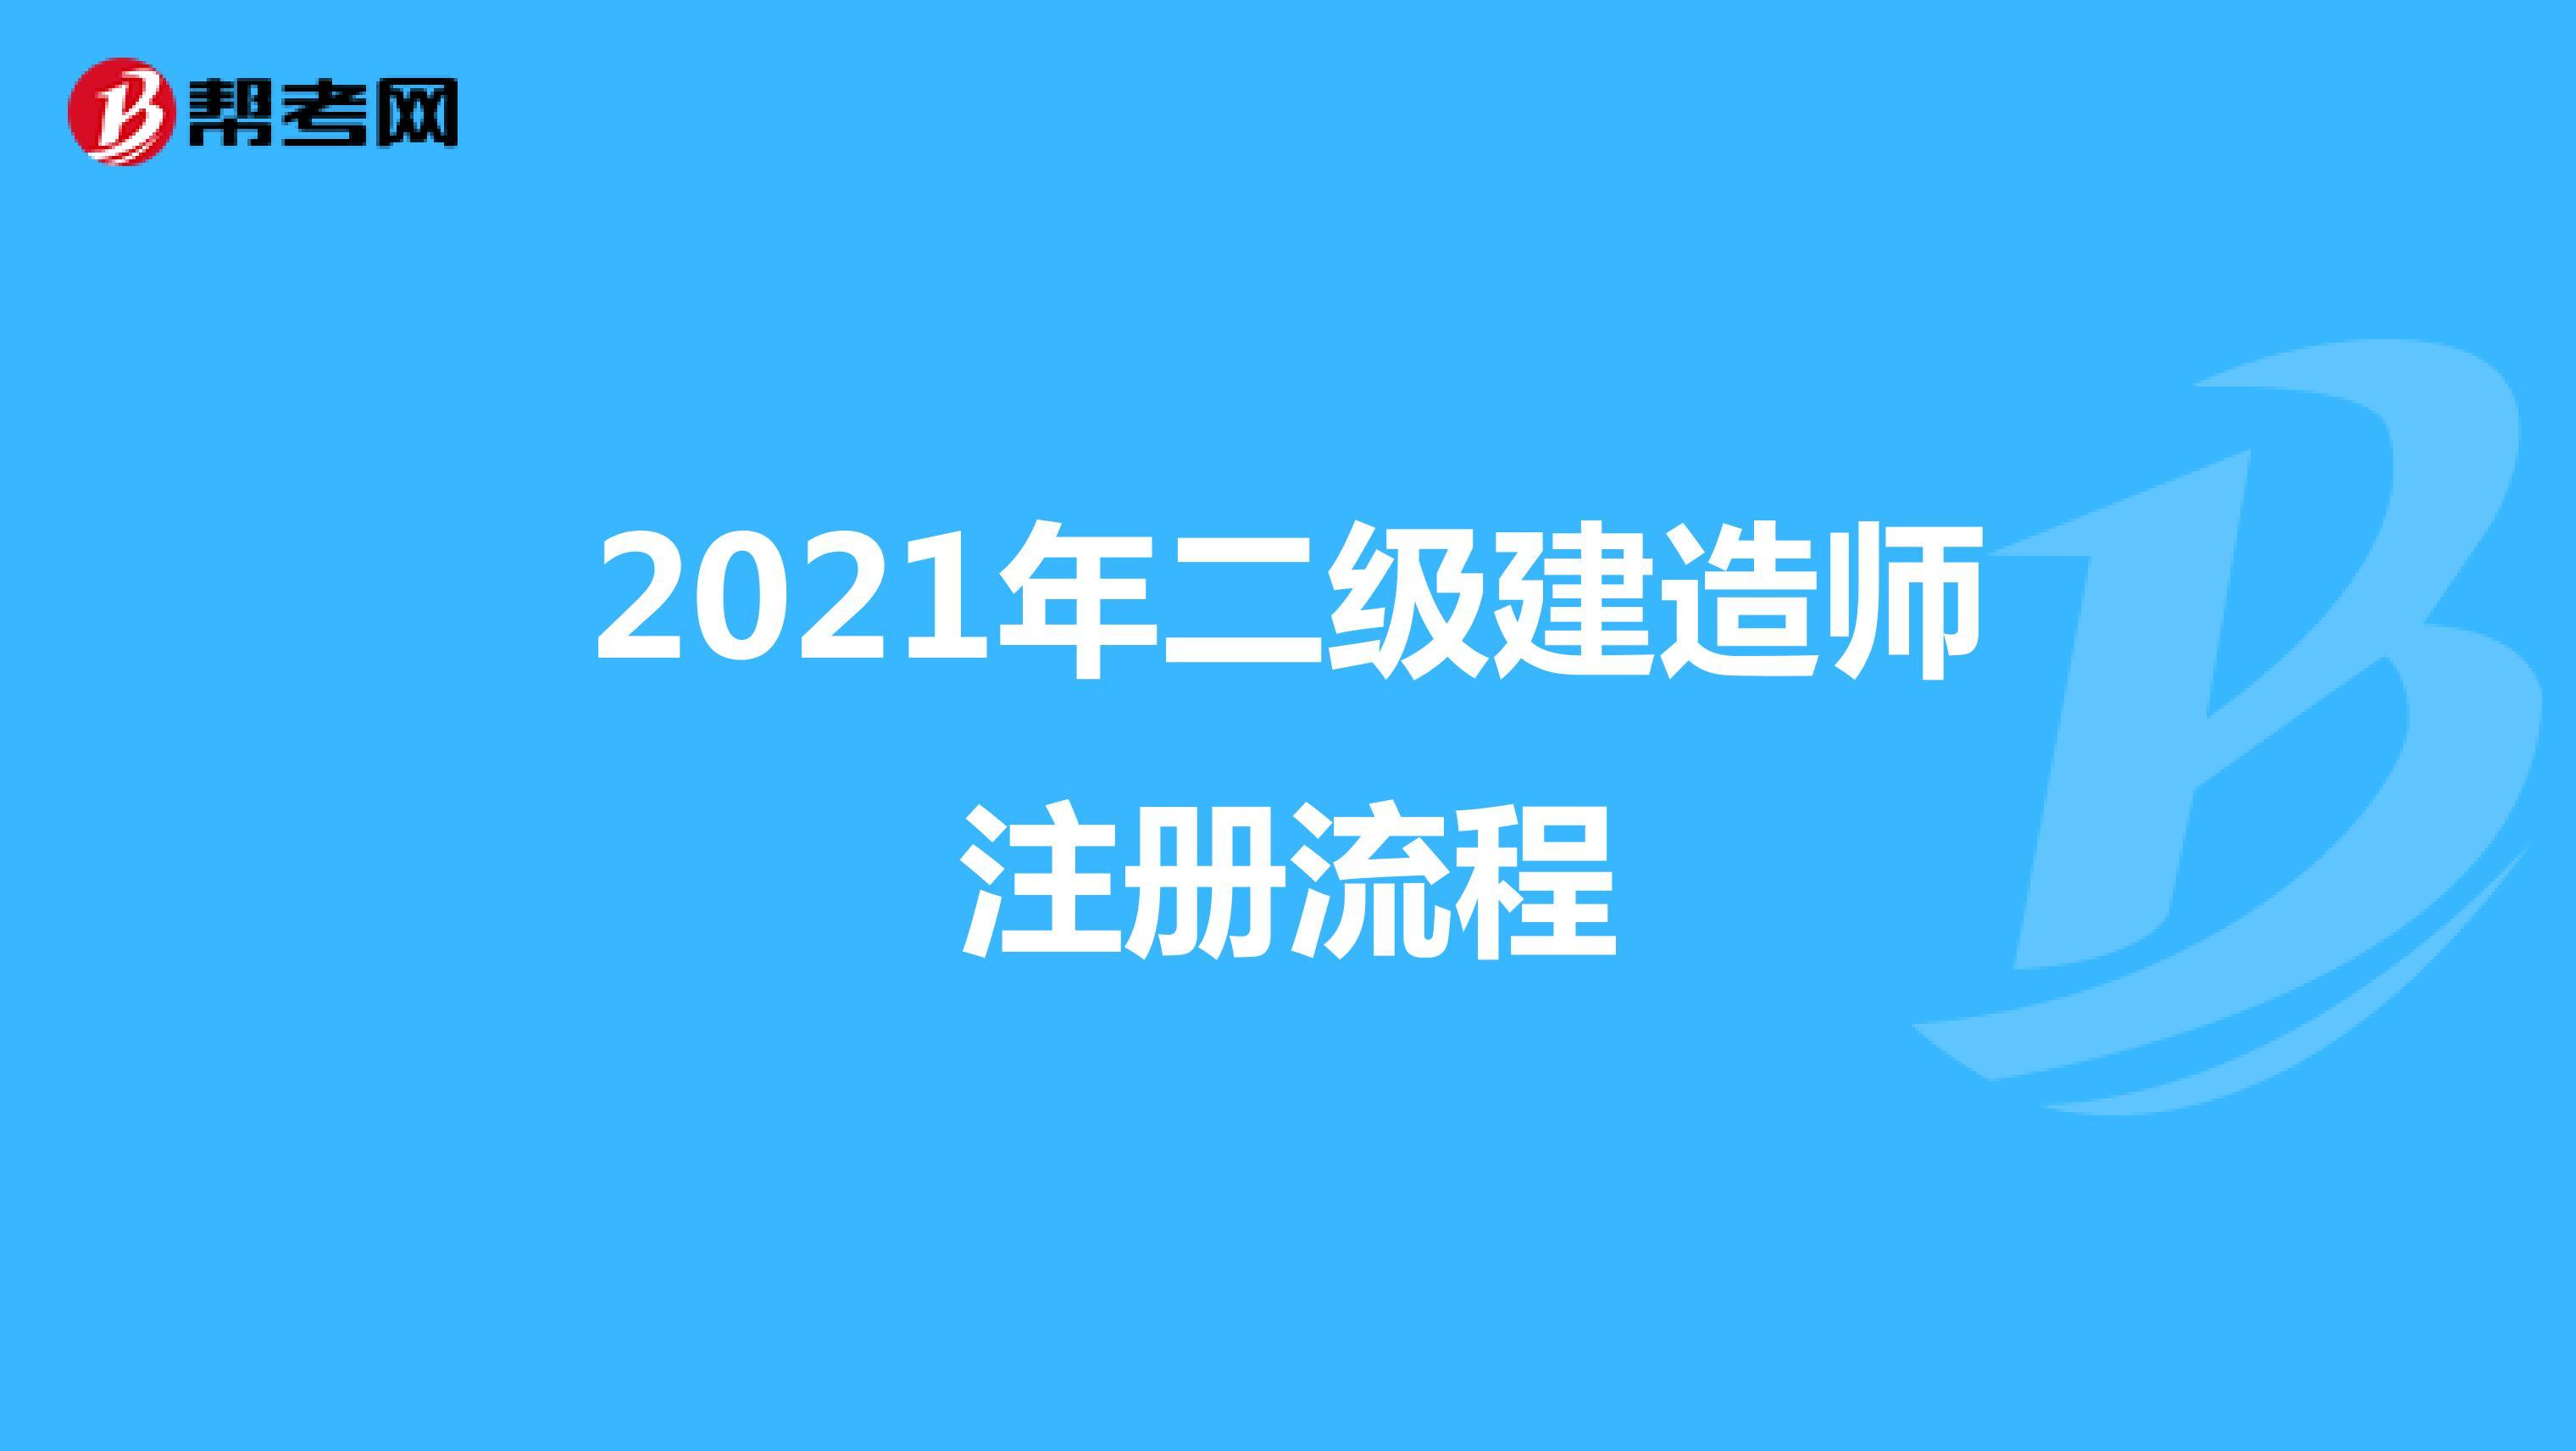 2021年二级建造师注册流程